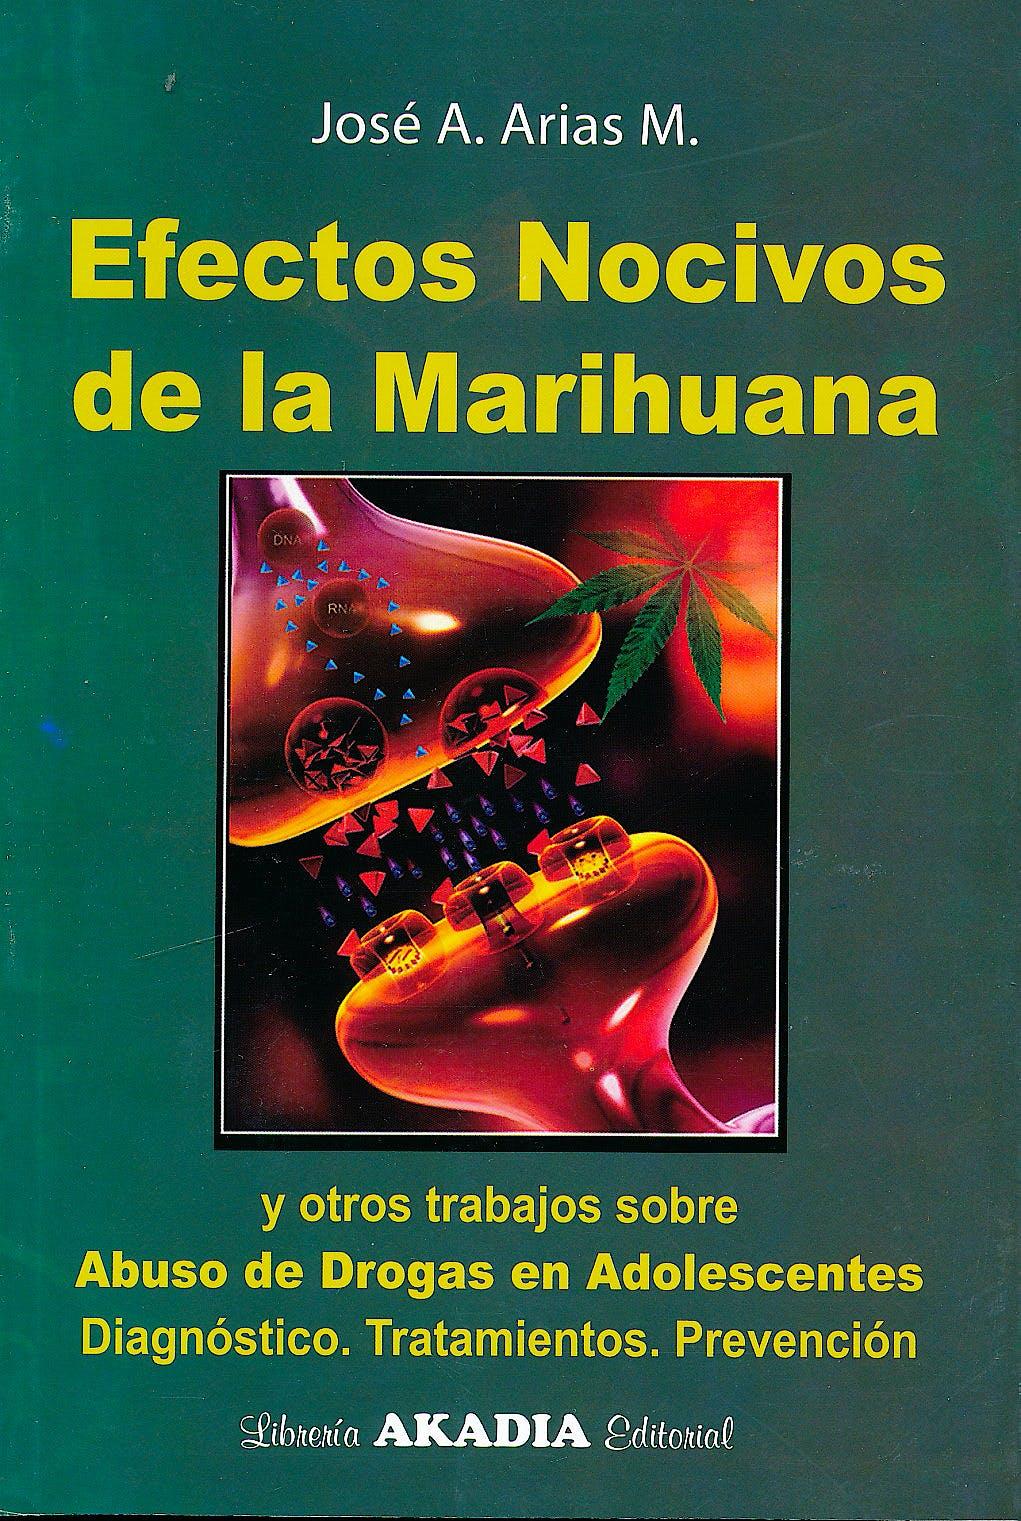 Portada del libro 9789875702431 Efectos Nocivos de la Marihuana y Otros Trabajos sobre Abuso de Drogas en Adolescentes. Diagnóstico, Tratamientos, Prevención